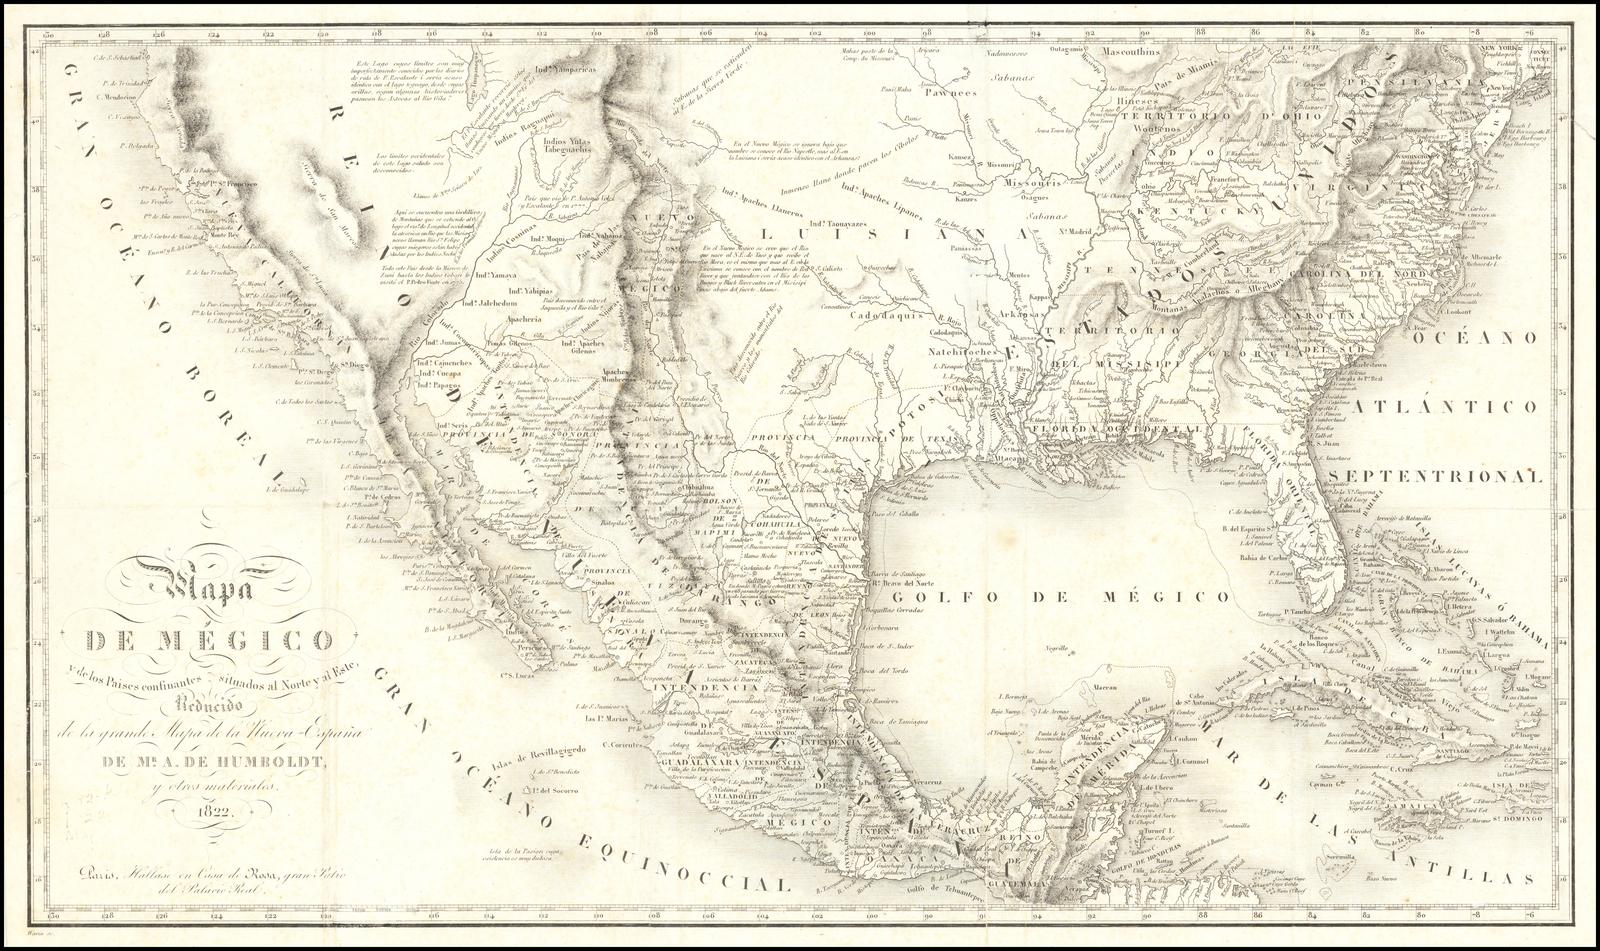 Map De Megico Y De Los Paises Confinanes Situados Al Norte Y Al Este Reducido De La Grande Mapa De La Nueva Espana De Mr A De Humboldt Y Otros Materiales 1822